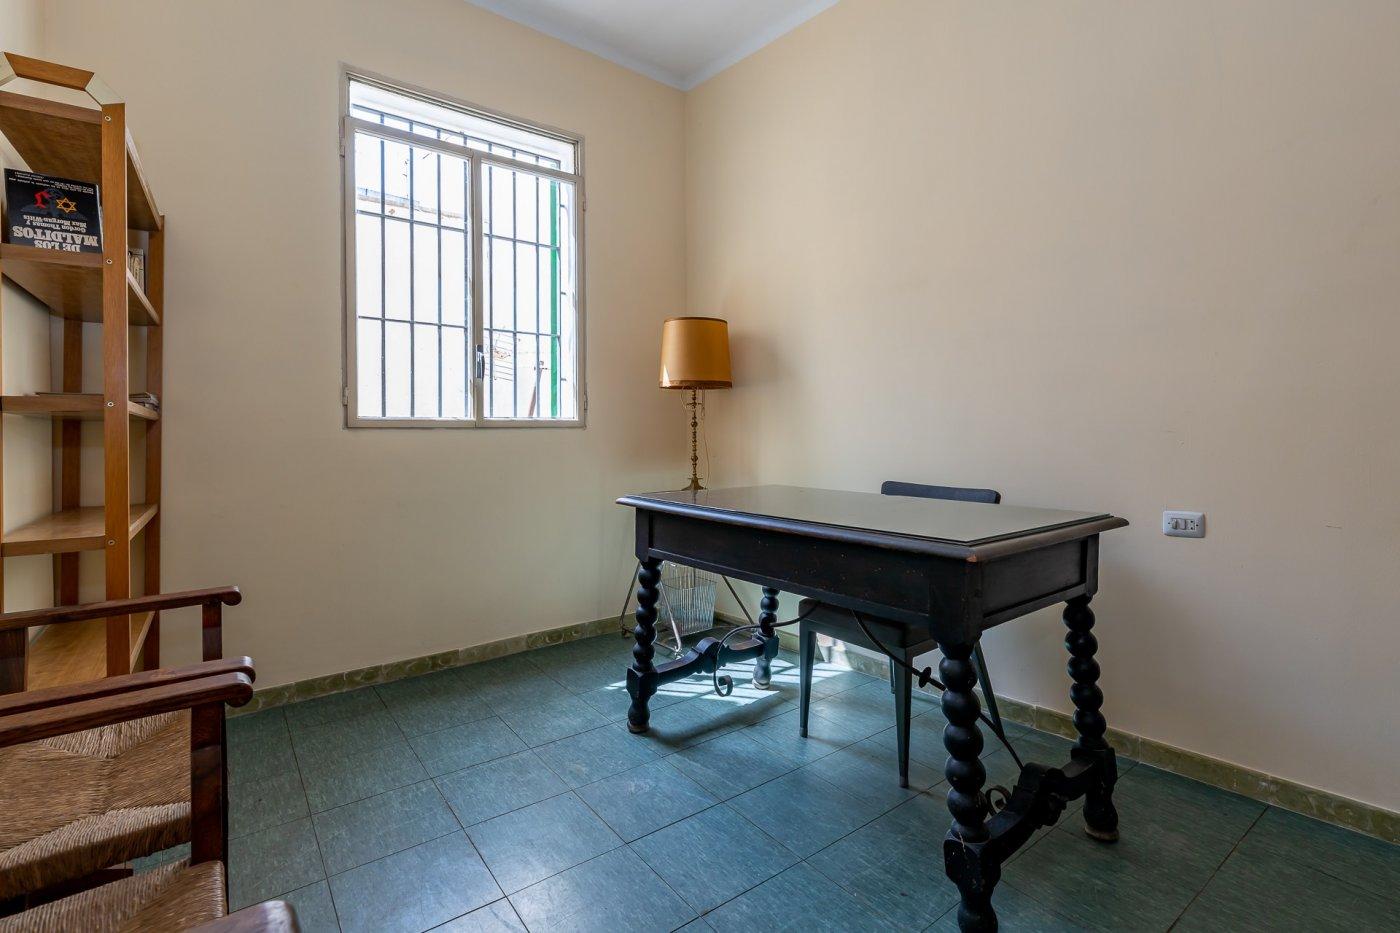 Casa con jardin en els hostalets, palma - imagenInmueble12